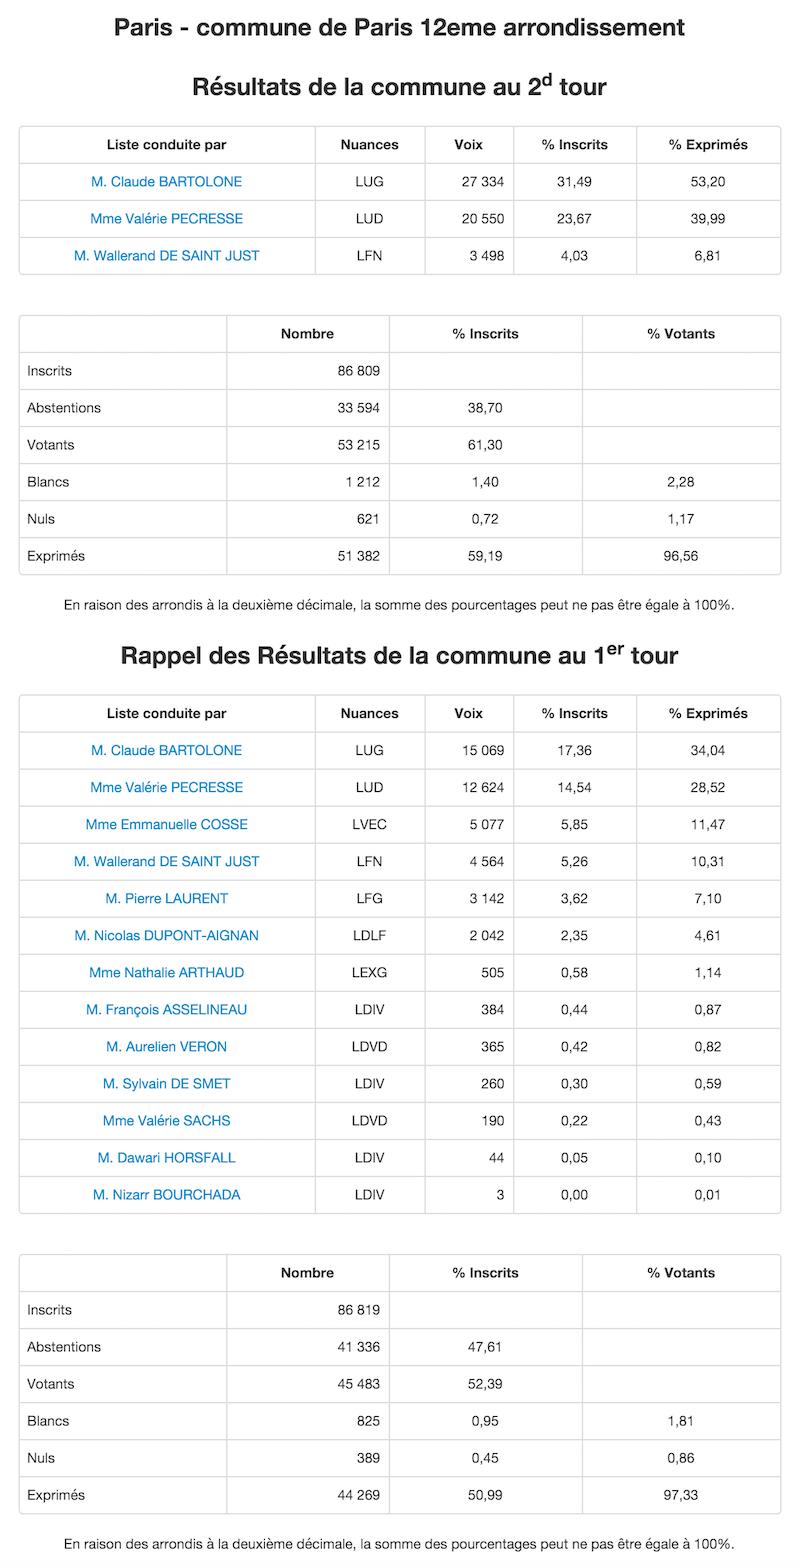 Régionales 2015 - 2nd et 1er tour dans le 12e arrondissement © Ministère de l'Intérieur